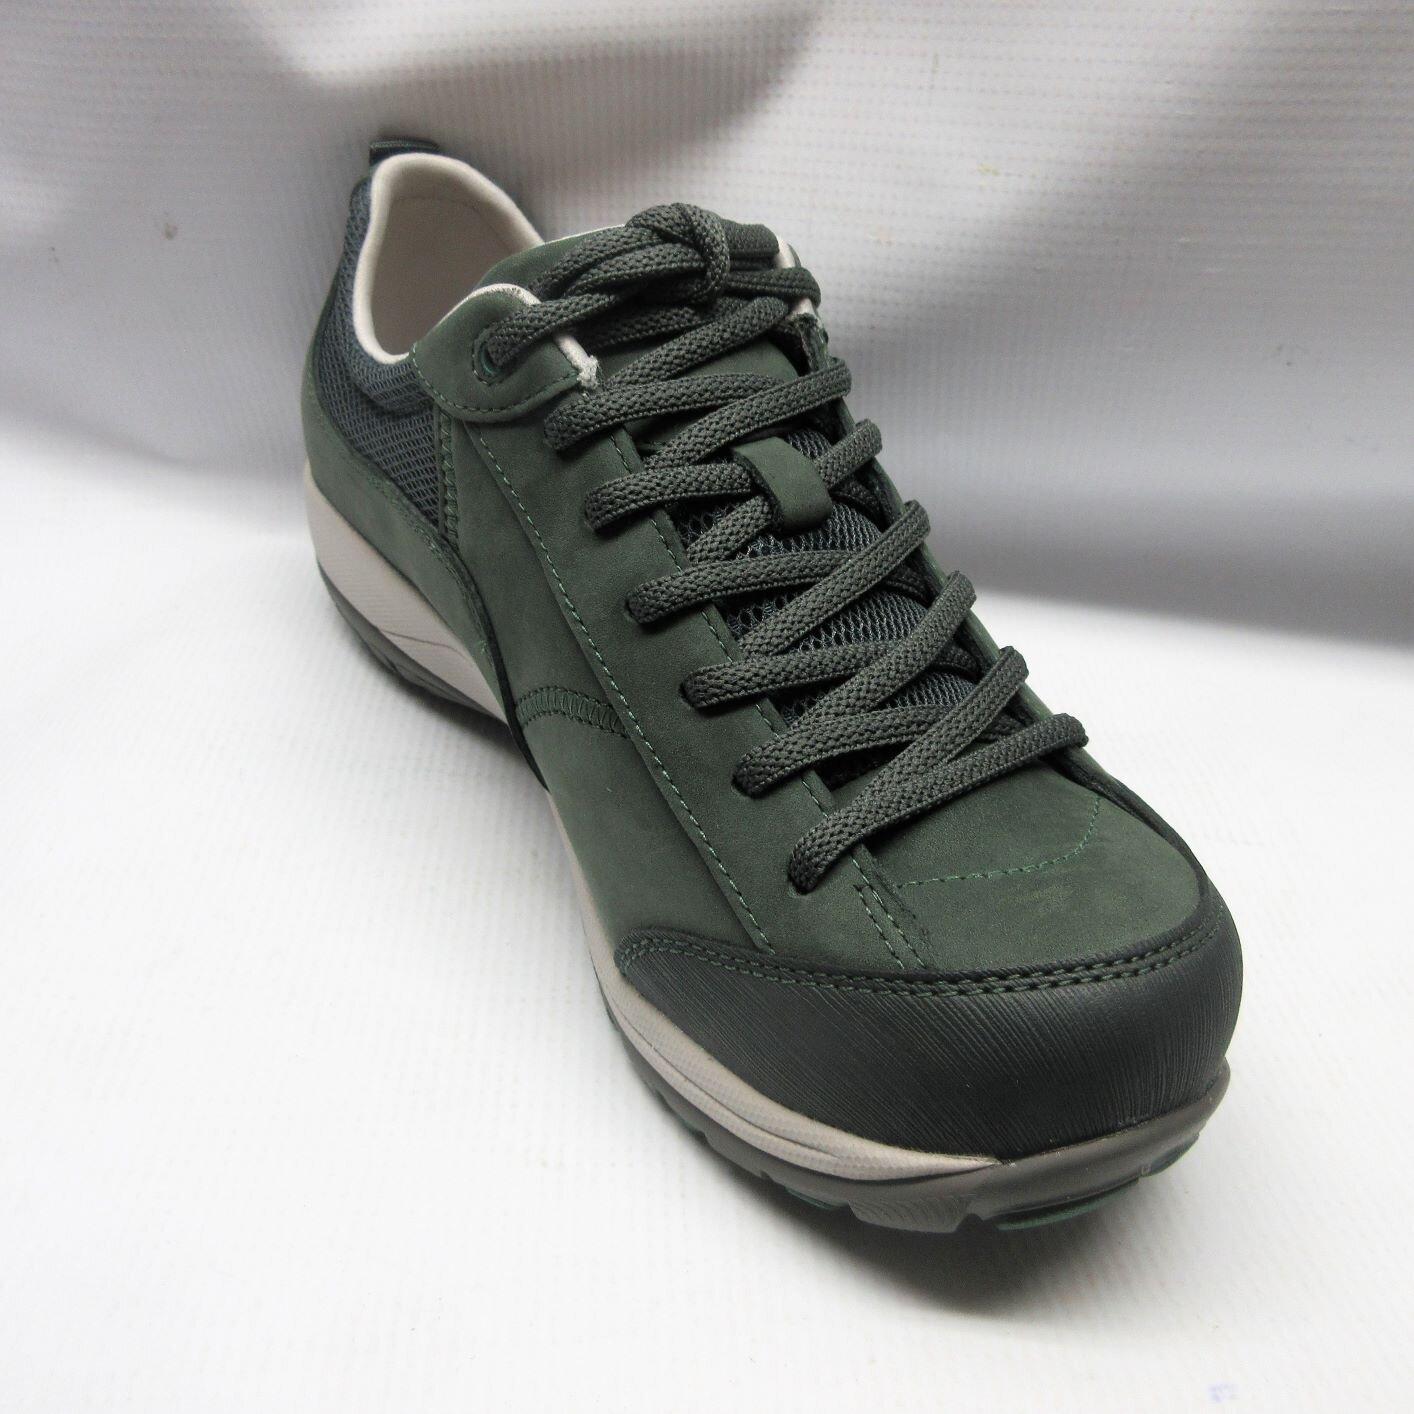 Dansko Shoes Women Paisley in Pine Size